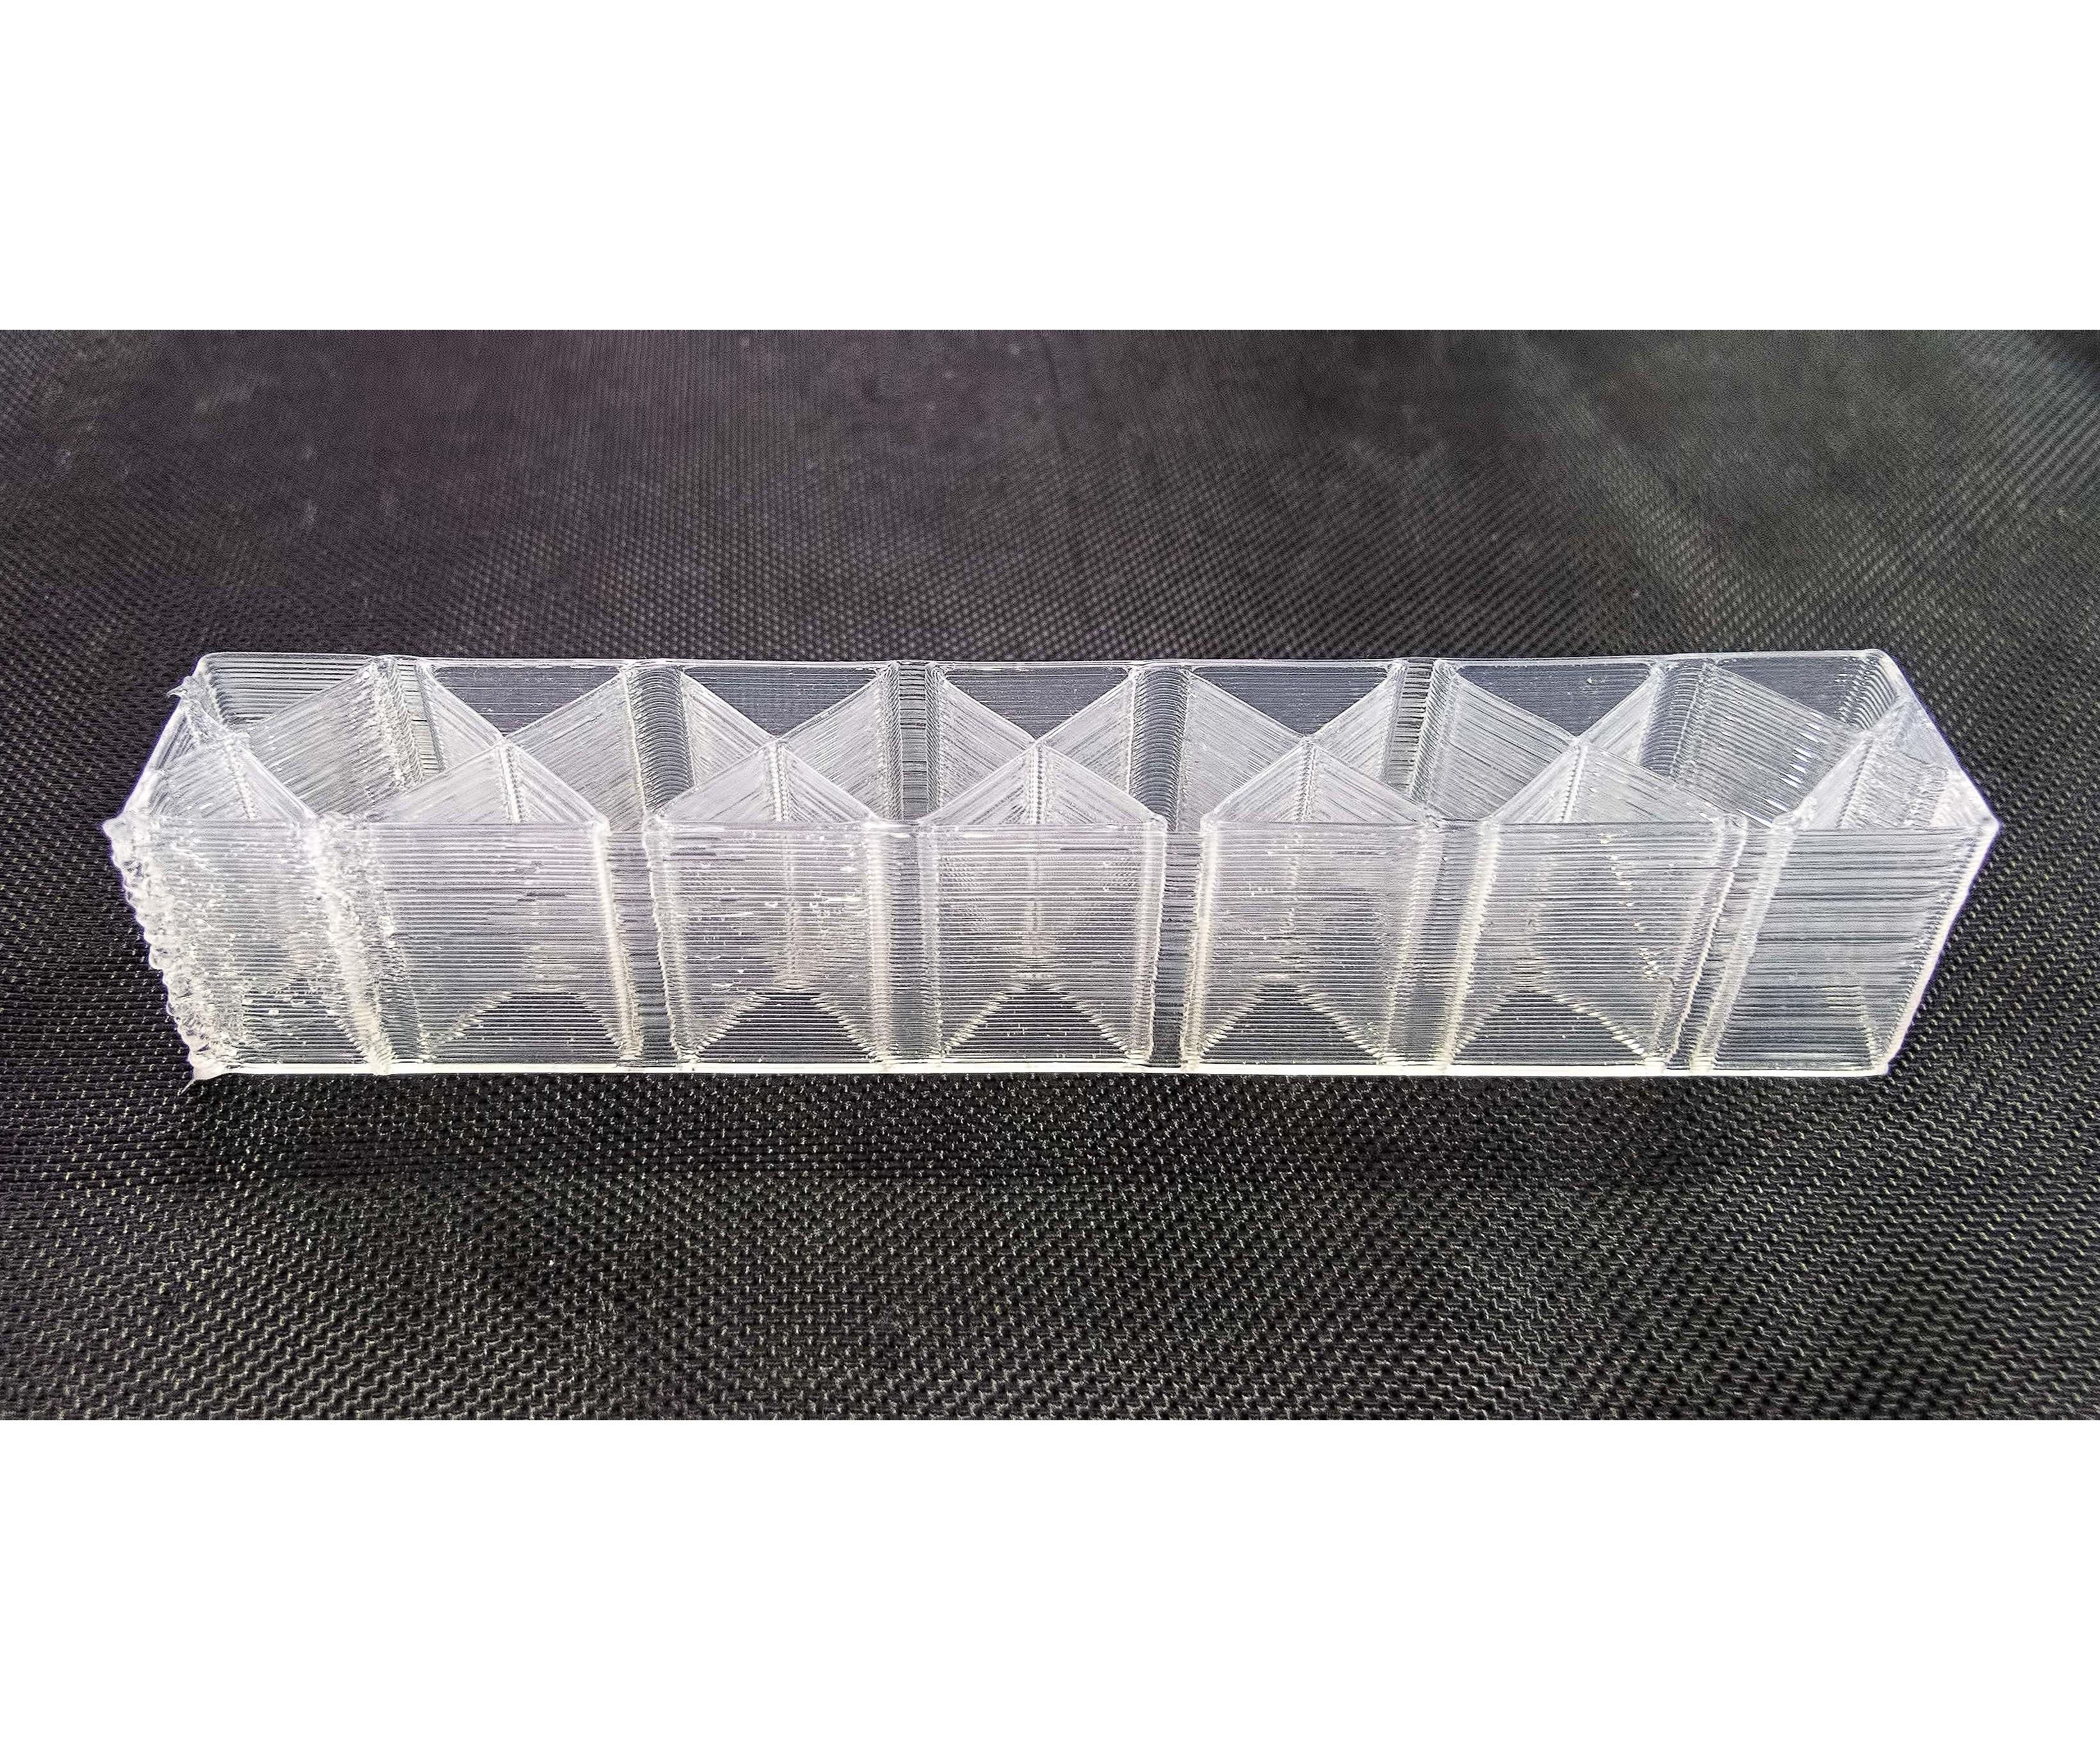 Liquid Additive Manufacturing (LAM) 3D printing LSR